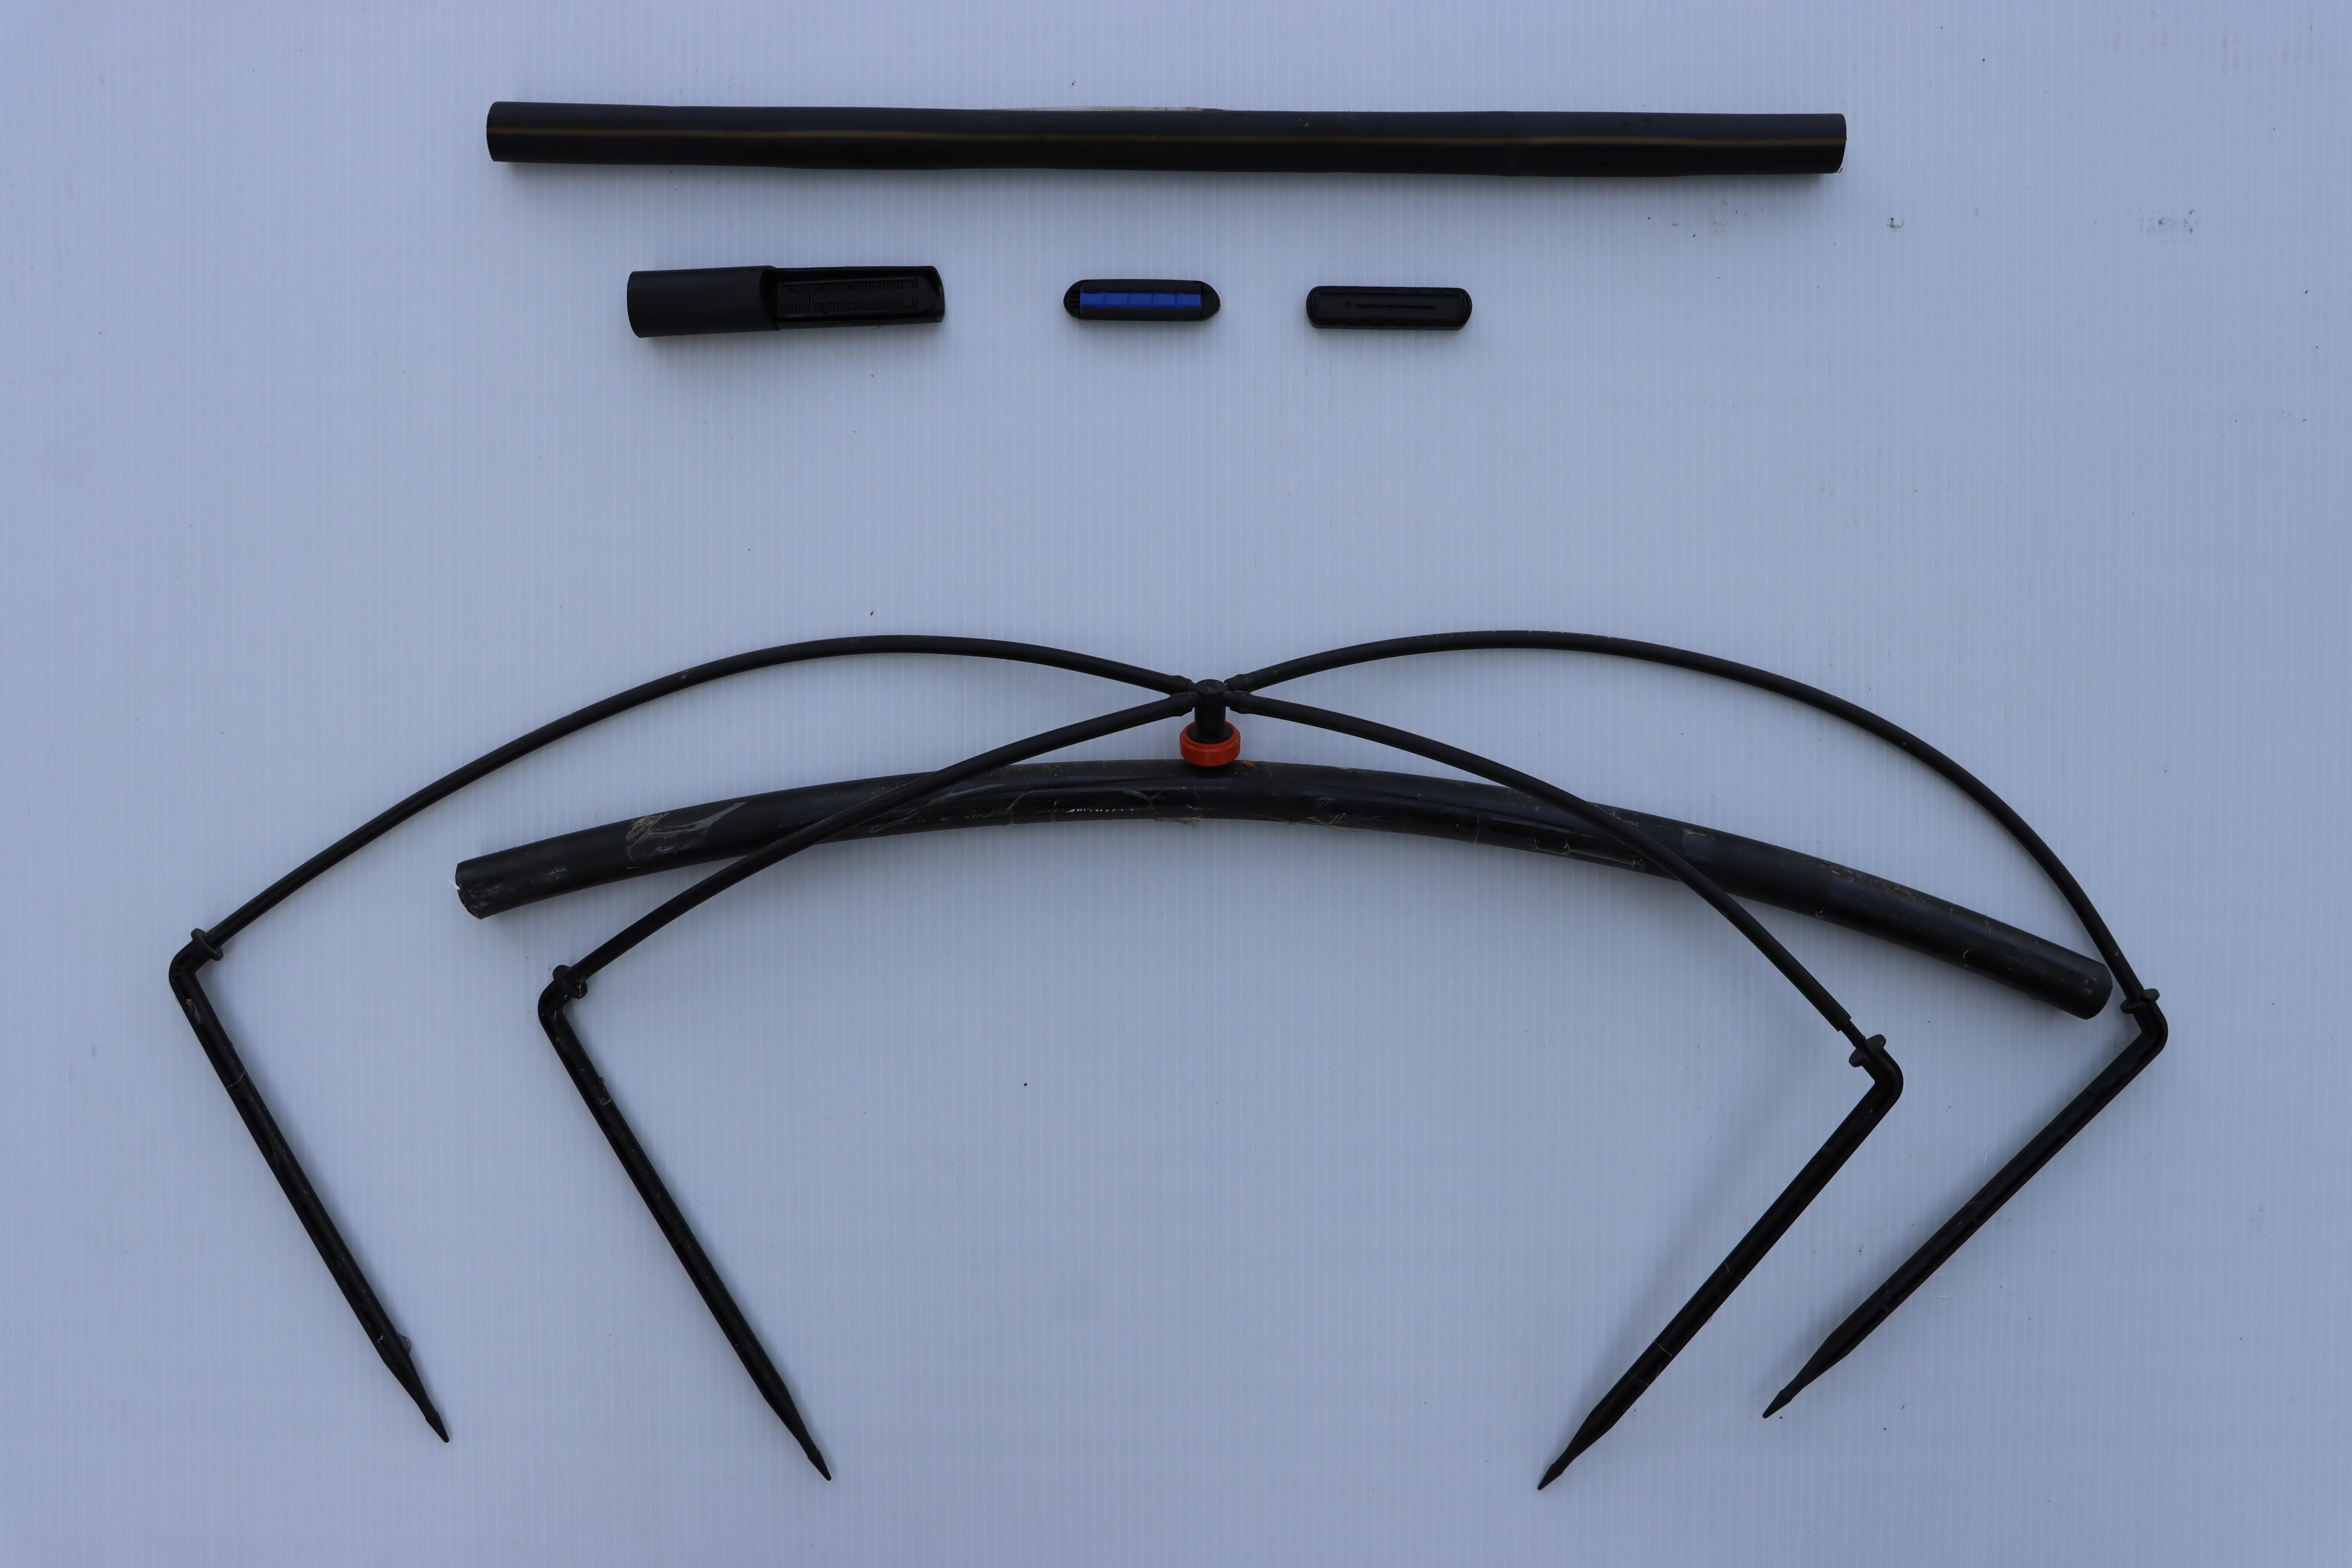 基本滴管型式:滴水器內鑲型滴管(上)及滴水器外接型滴管(下)